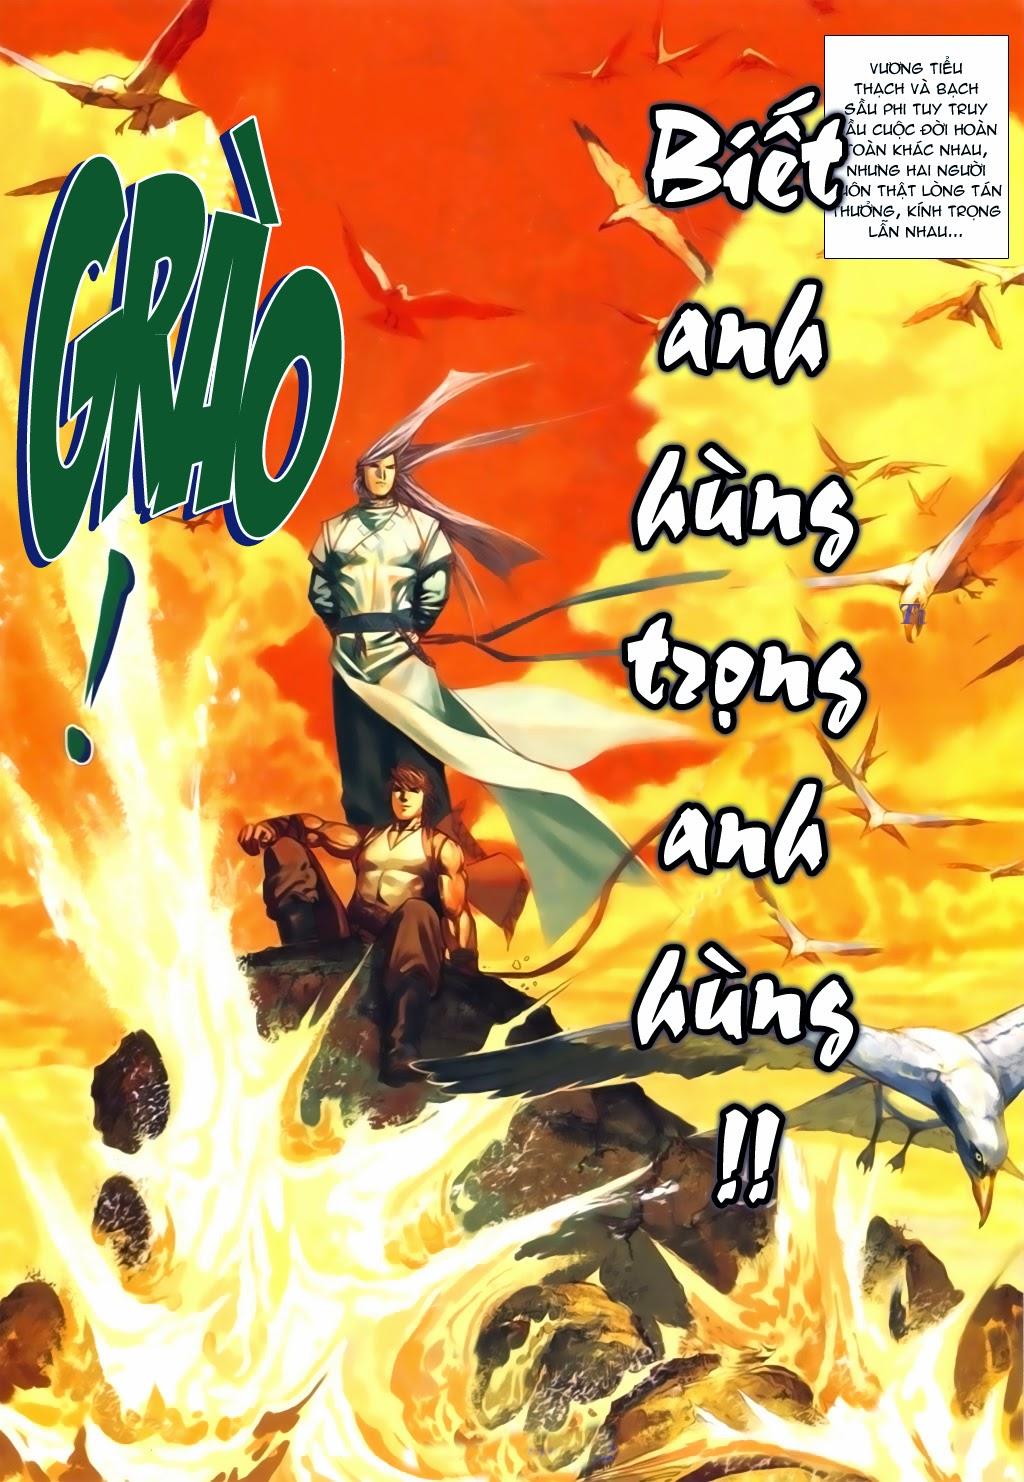 Thuyết Anh Hùng Thùy Thị Anh Hùng chap 16 Trang 23 - Mangak.info